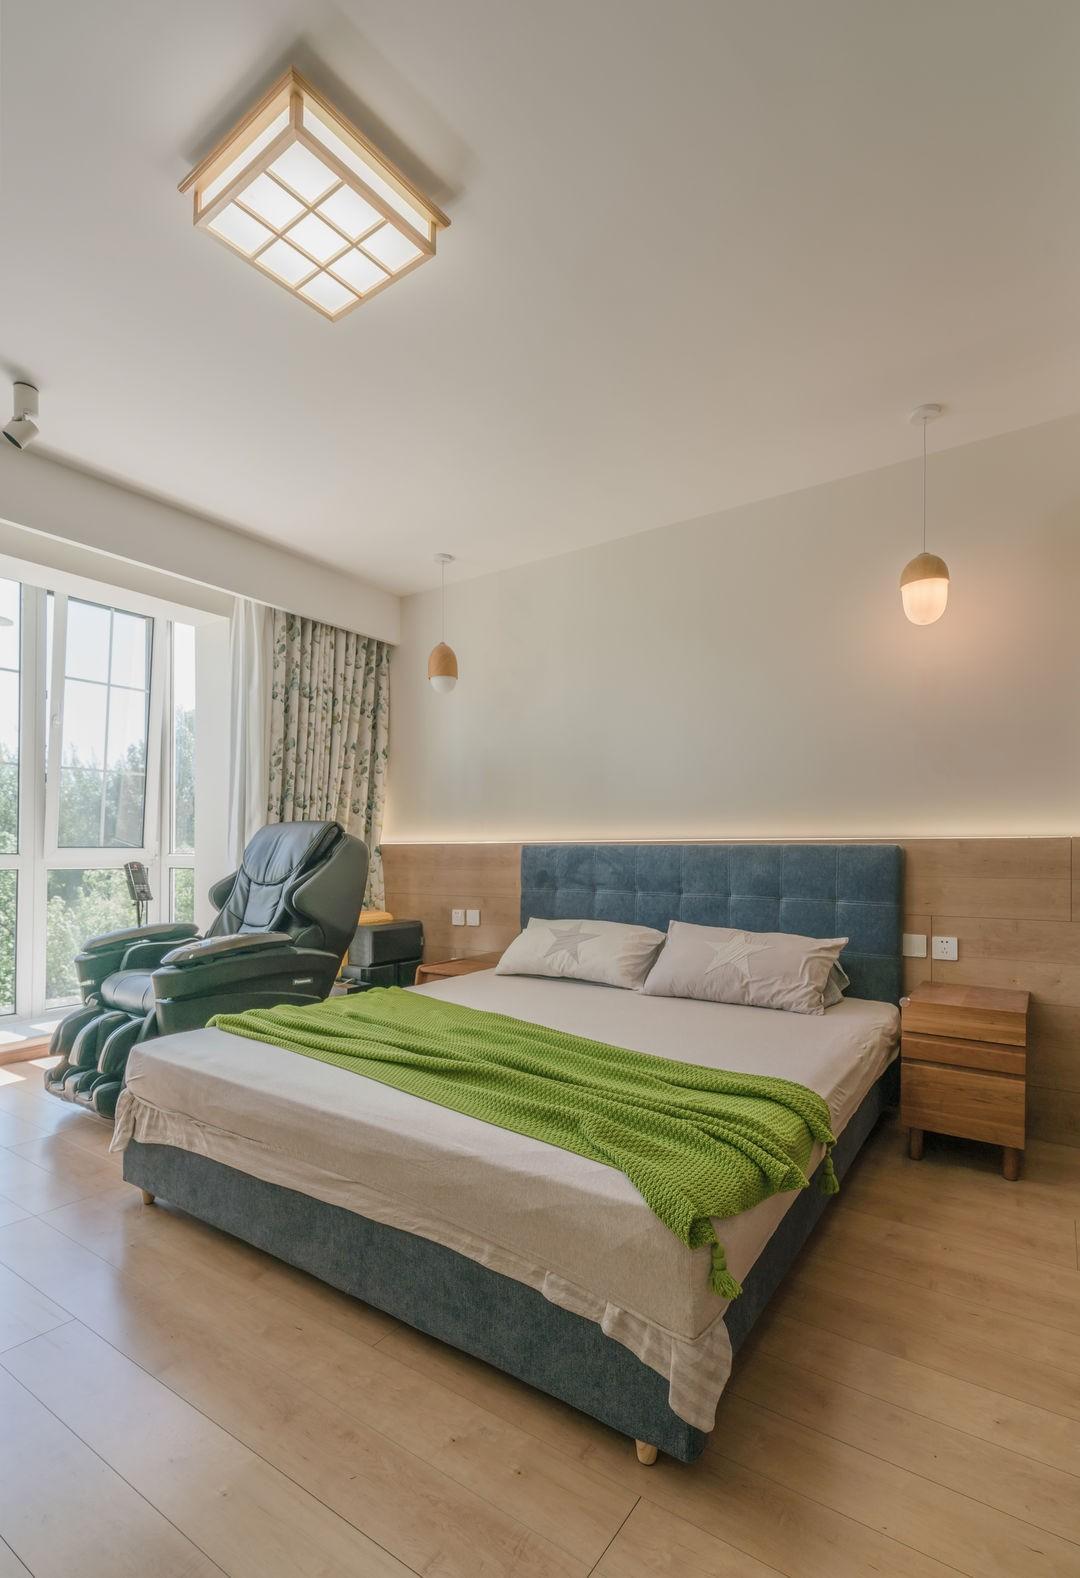 2021日式卧室装修设计图片 2021日式地砖装修图片